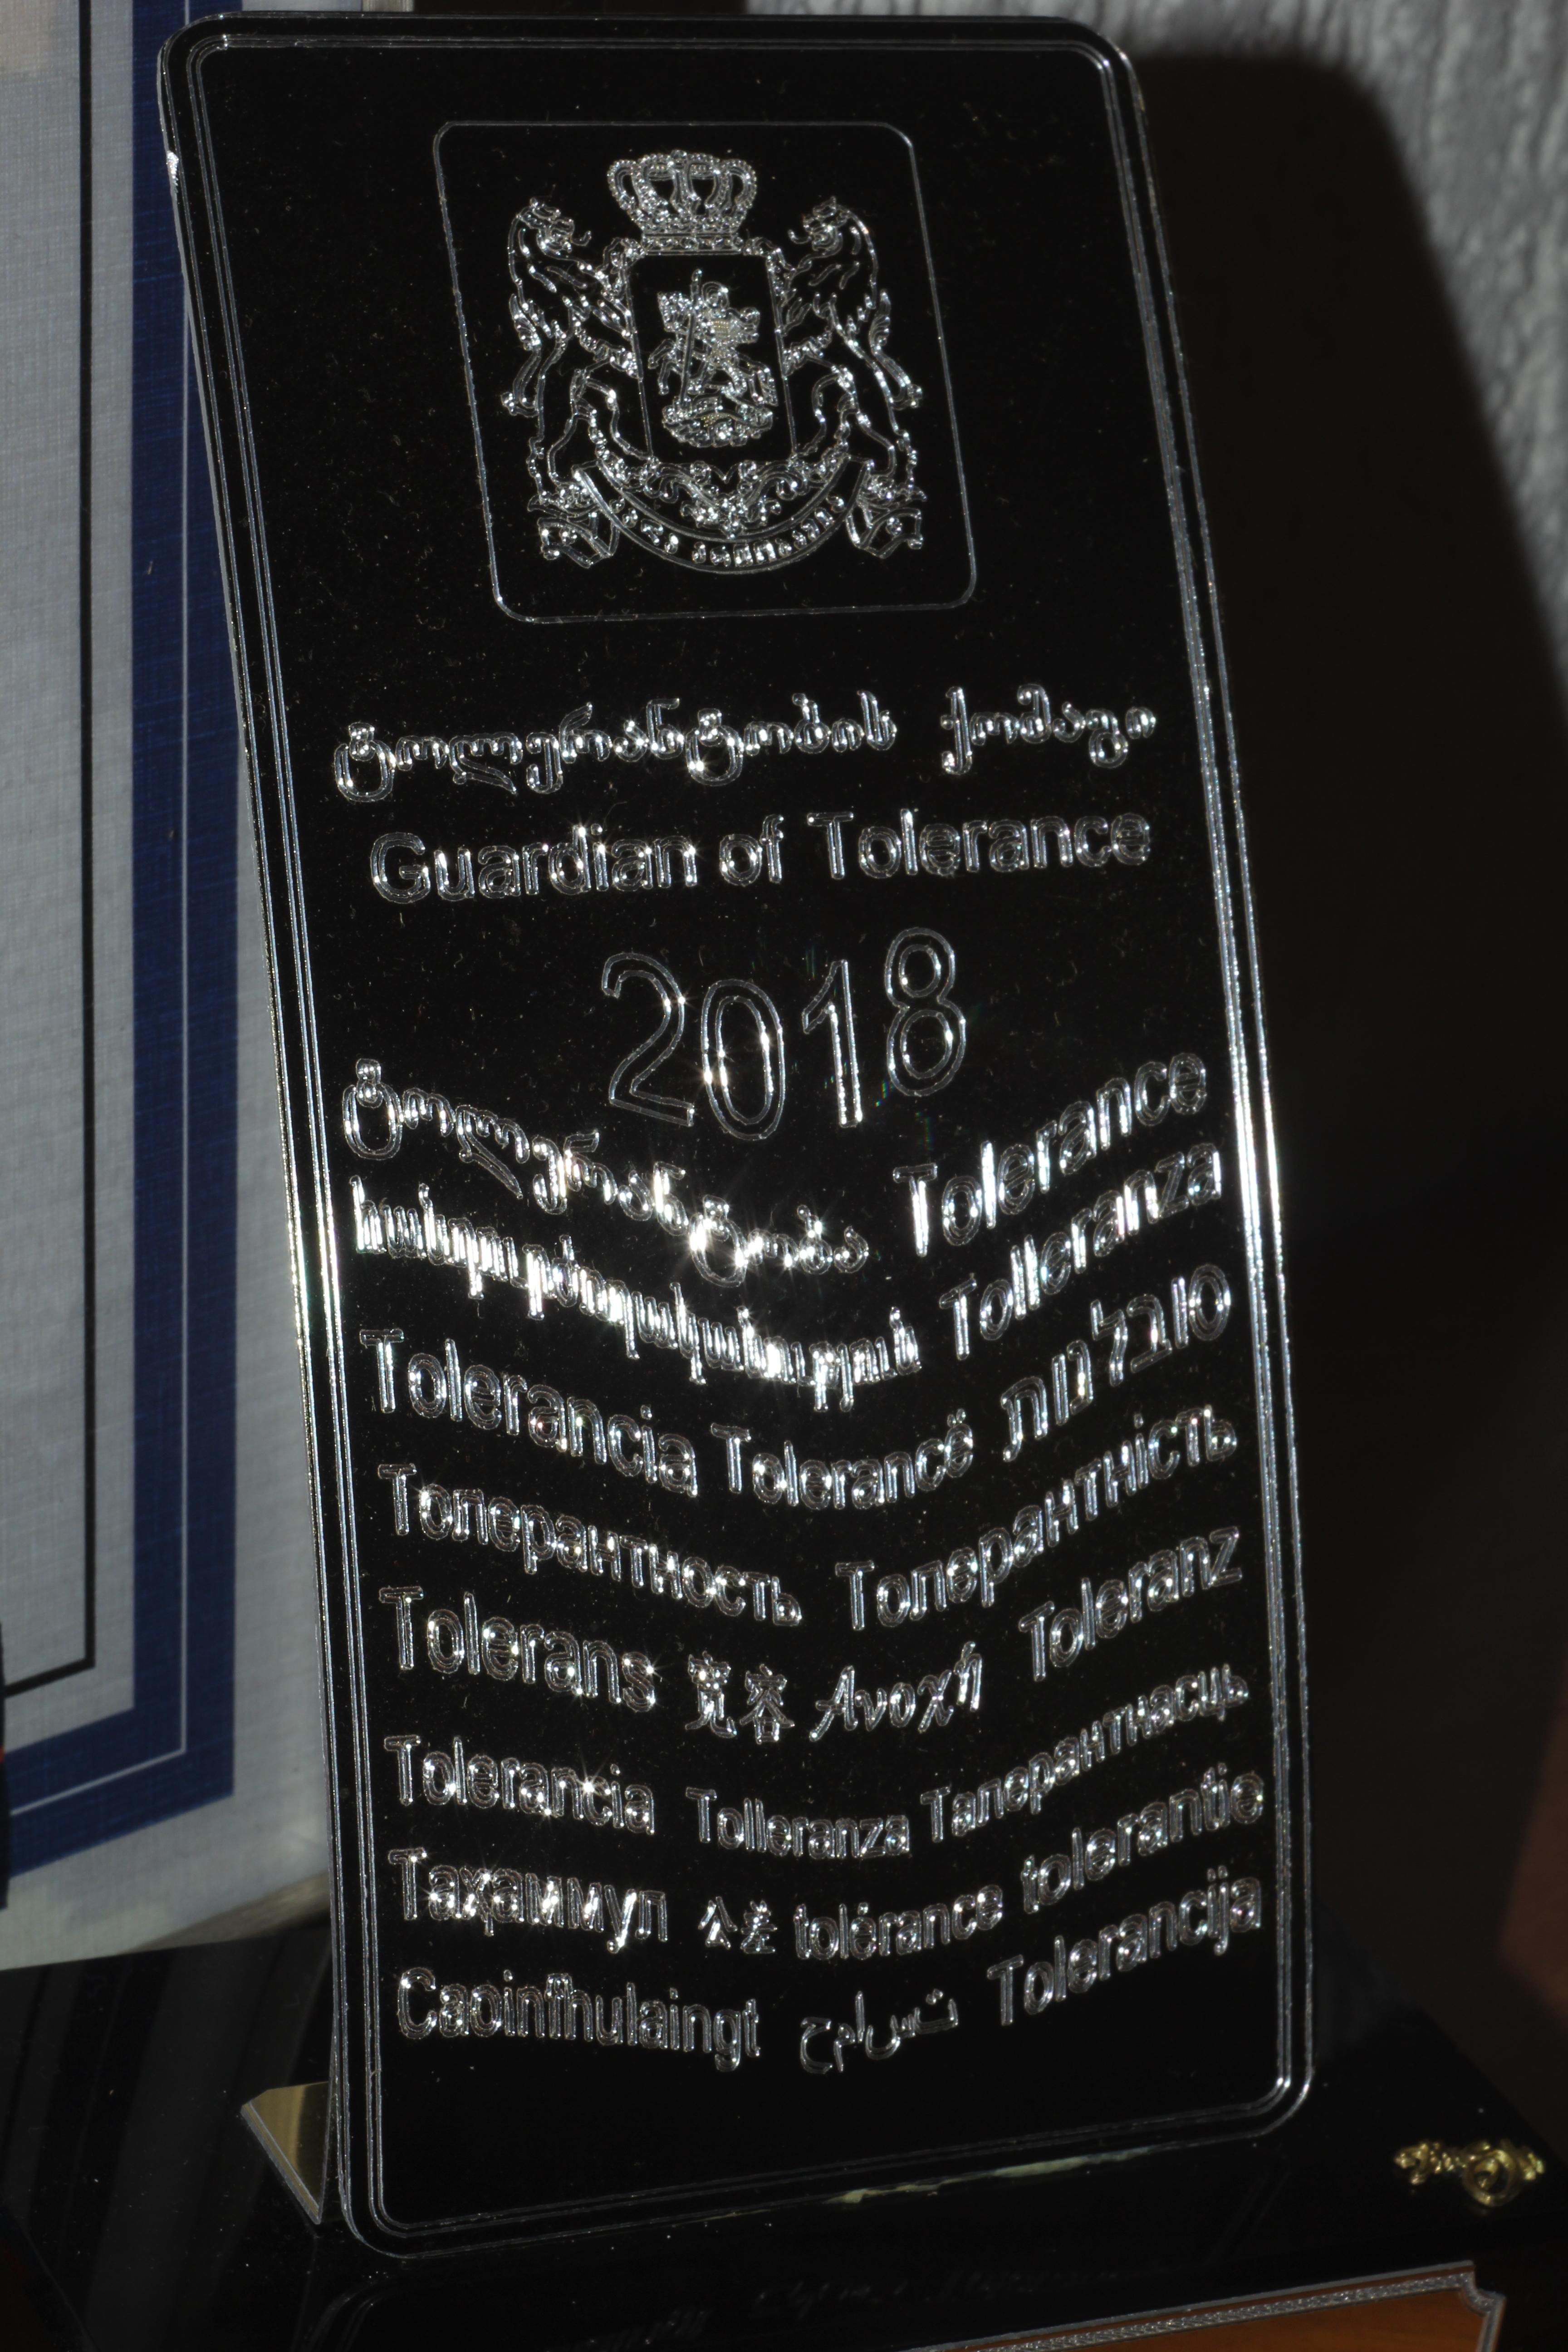 IMG 1428 #общество featured, Агит Мирзоев, Виталий Сафаров, Грузия, Марина Аланакян, национализм, неонацизм, толерантность, убийство, фашизм